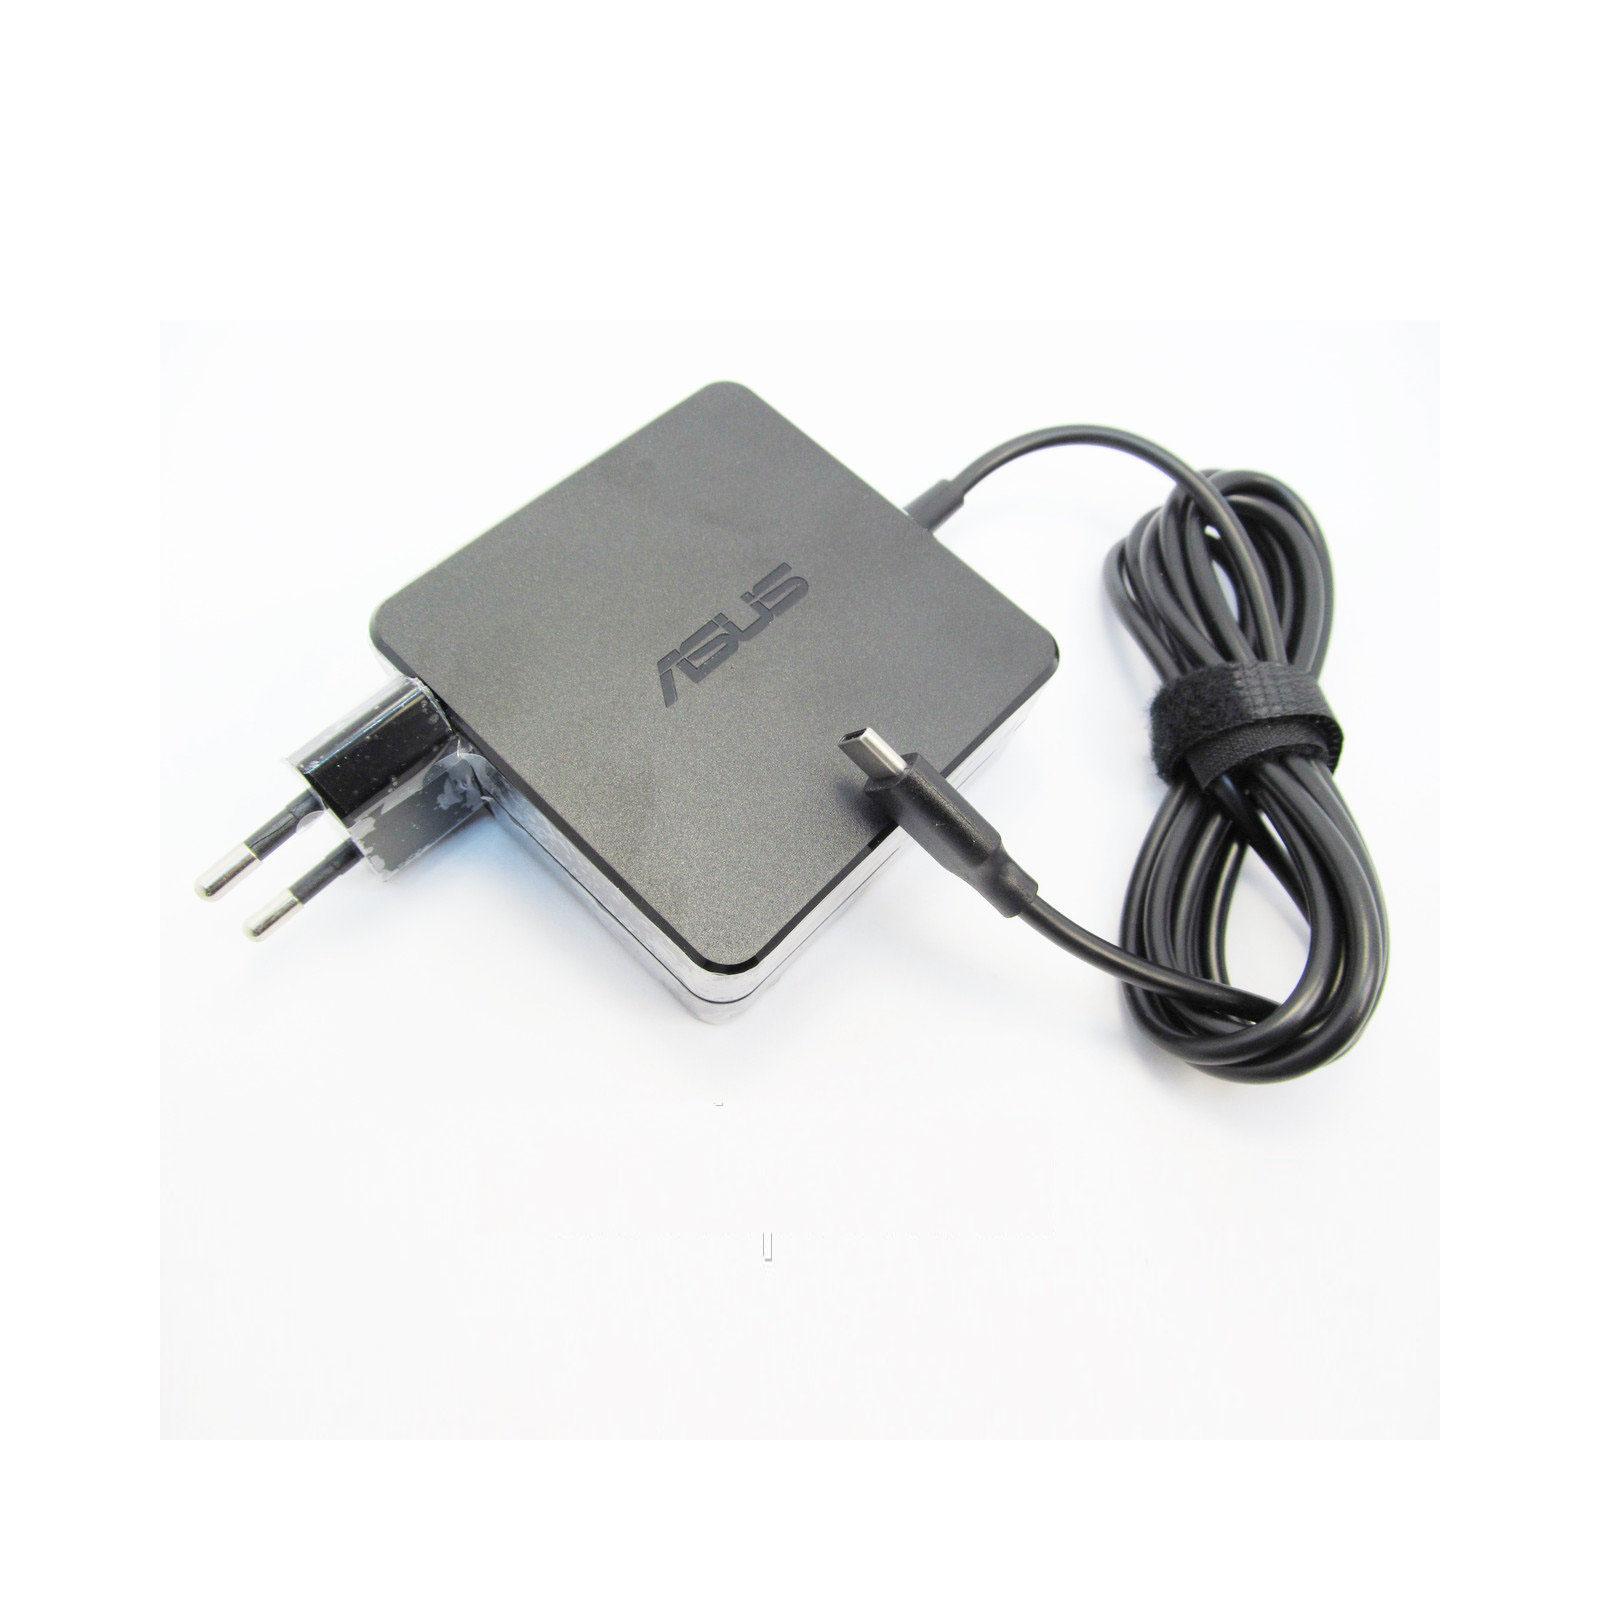 Блок питания к ноутбуку ASUS 65W 20V, 3.25A + 15V, 3A + 12V, 3A + 5V, 2A, разъем USB Type (ADP-TYPE/C / A40242)